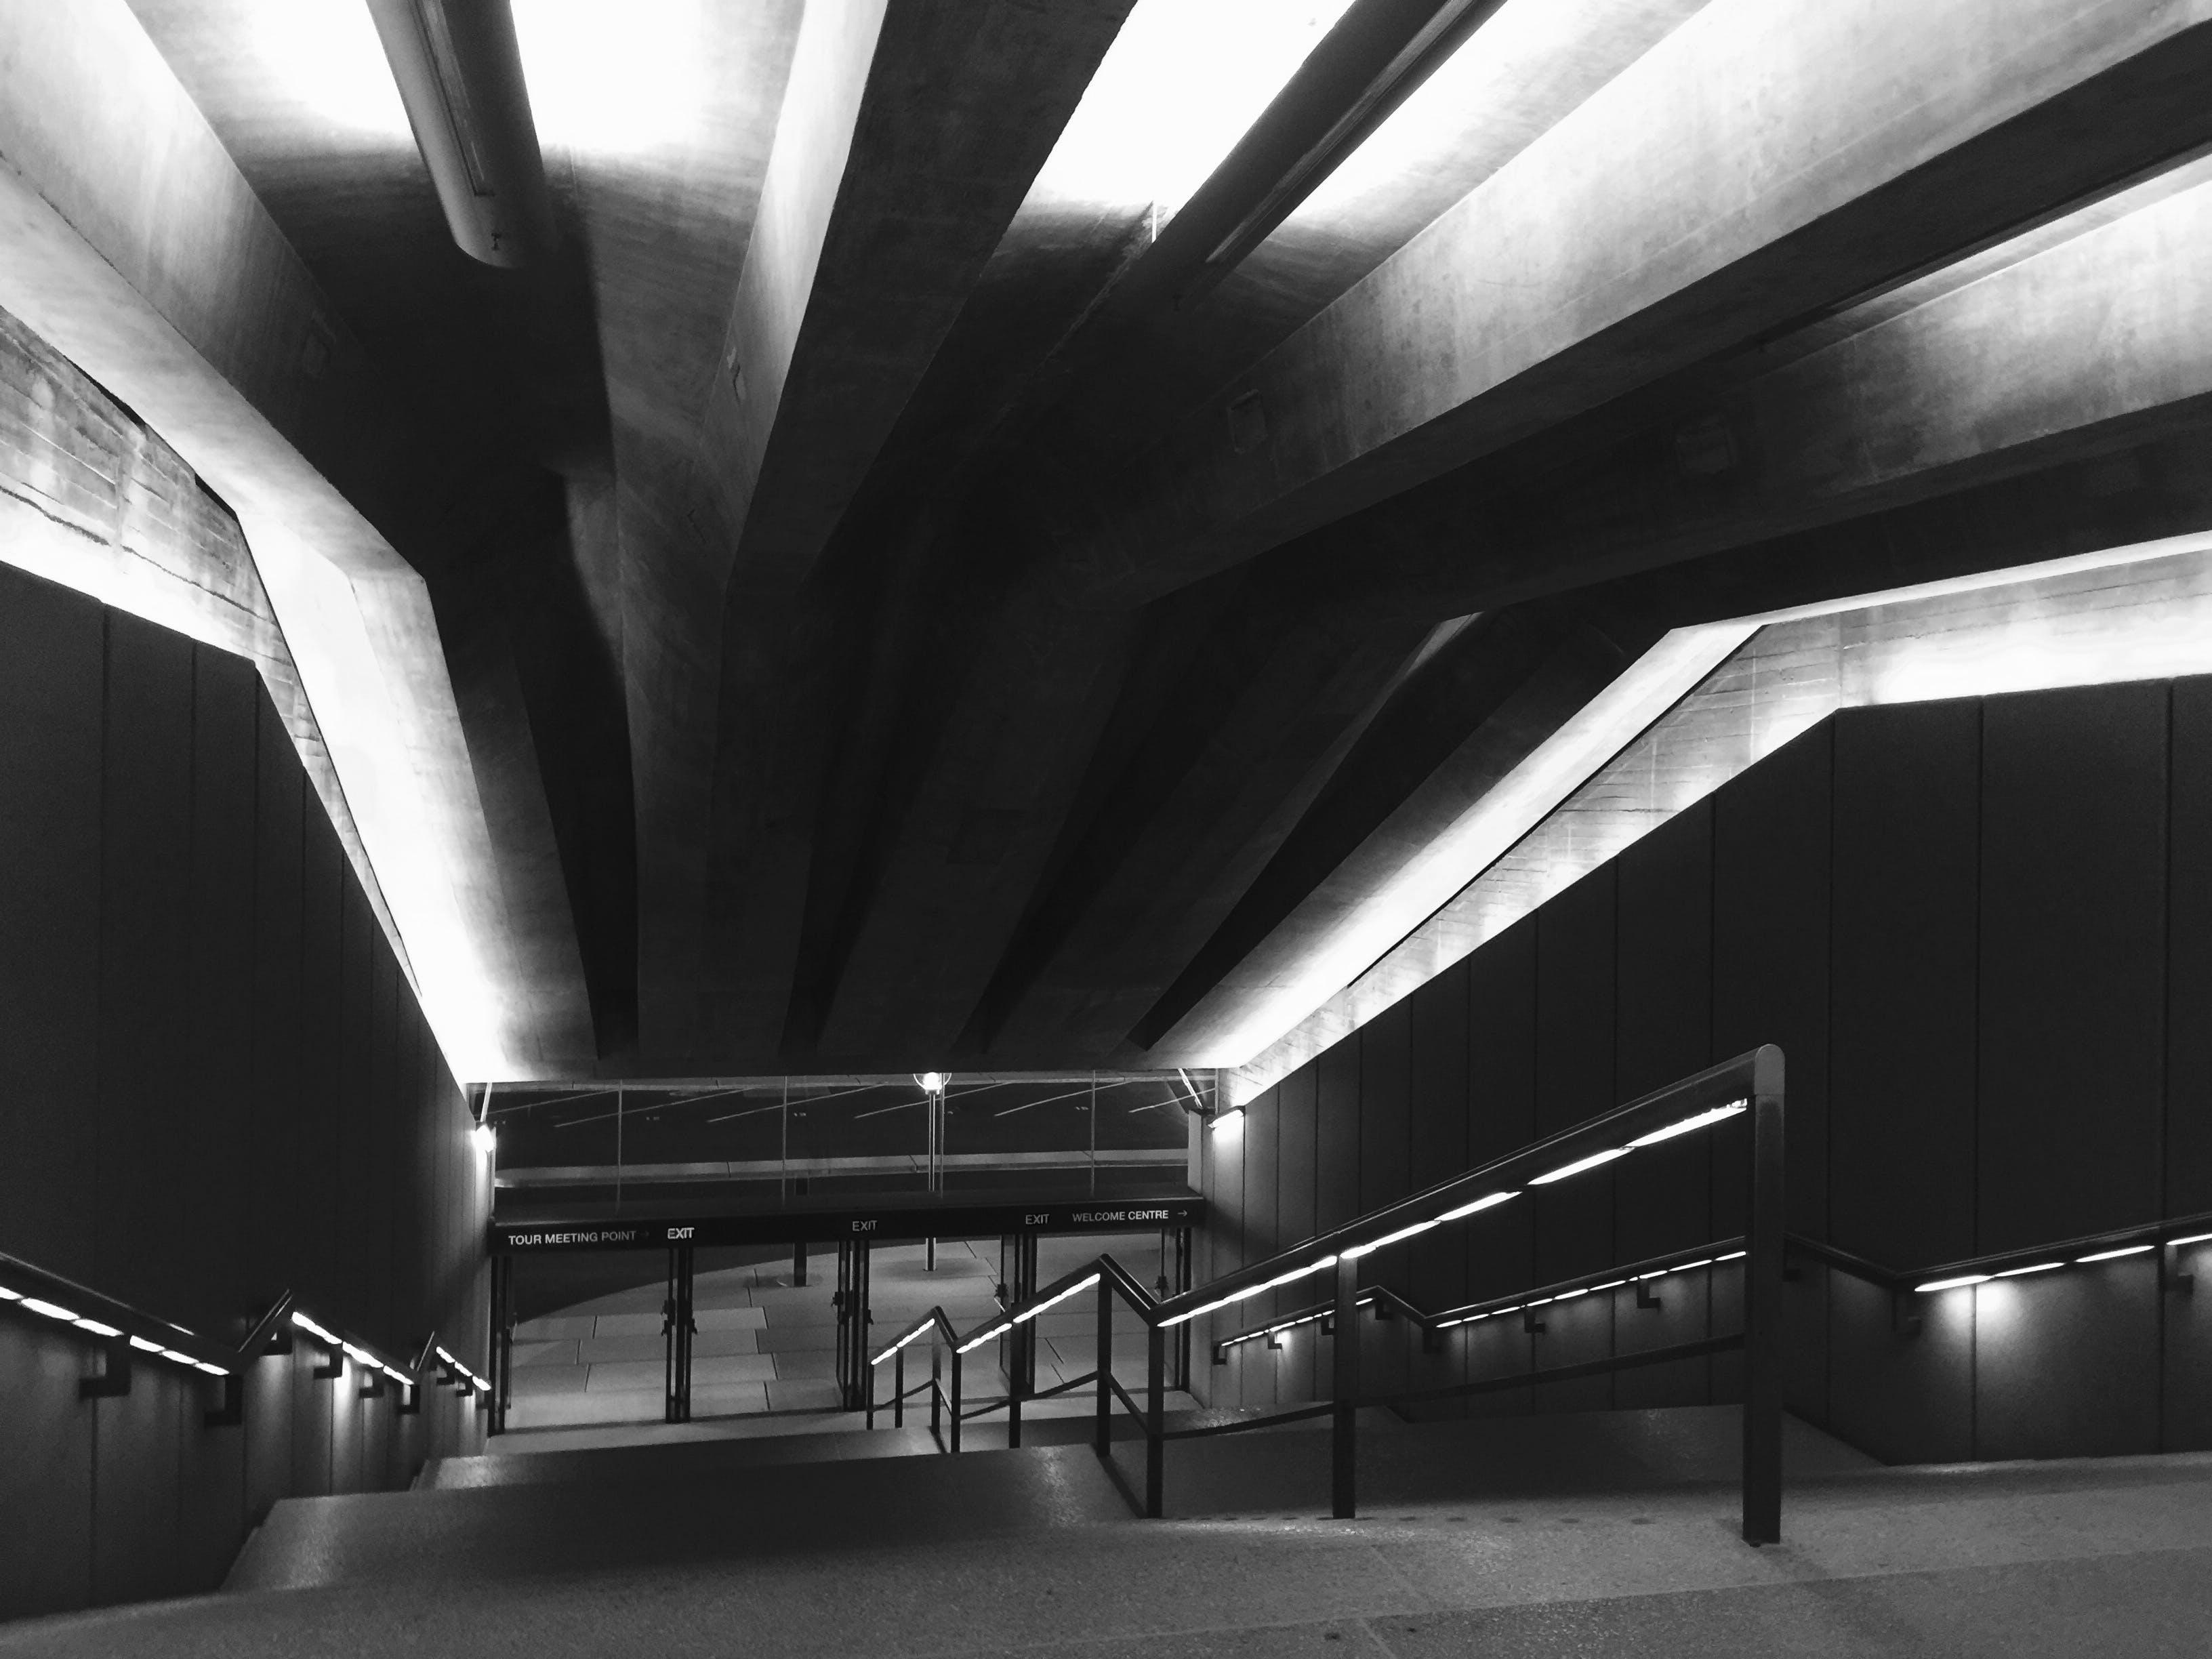 architektur, beton, decke